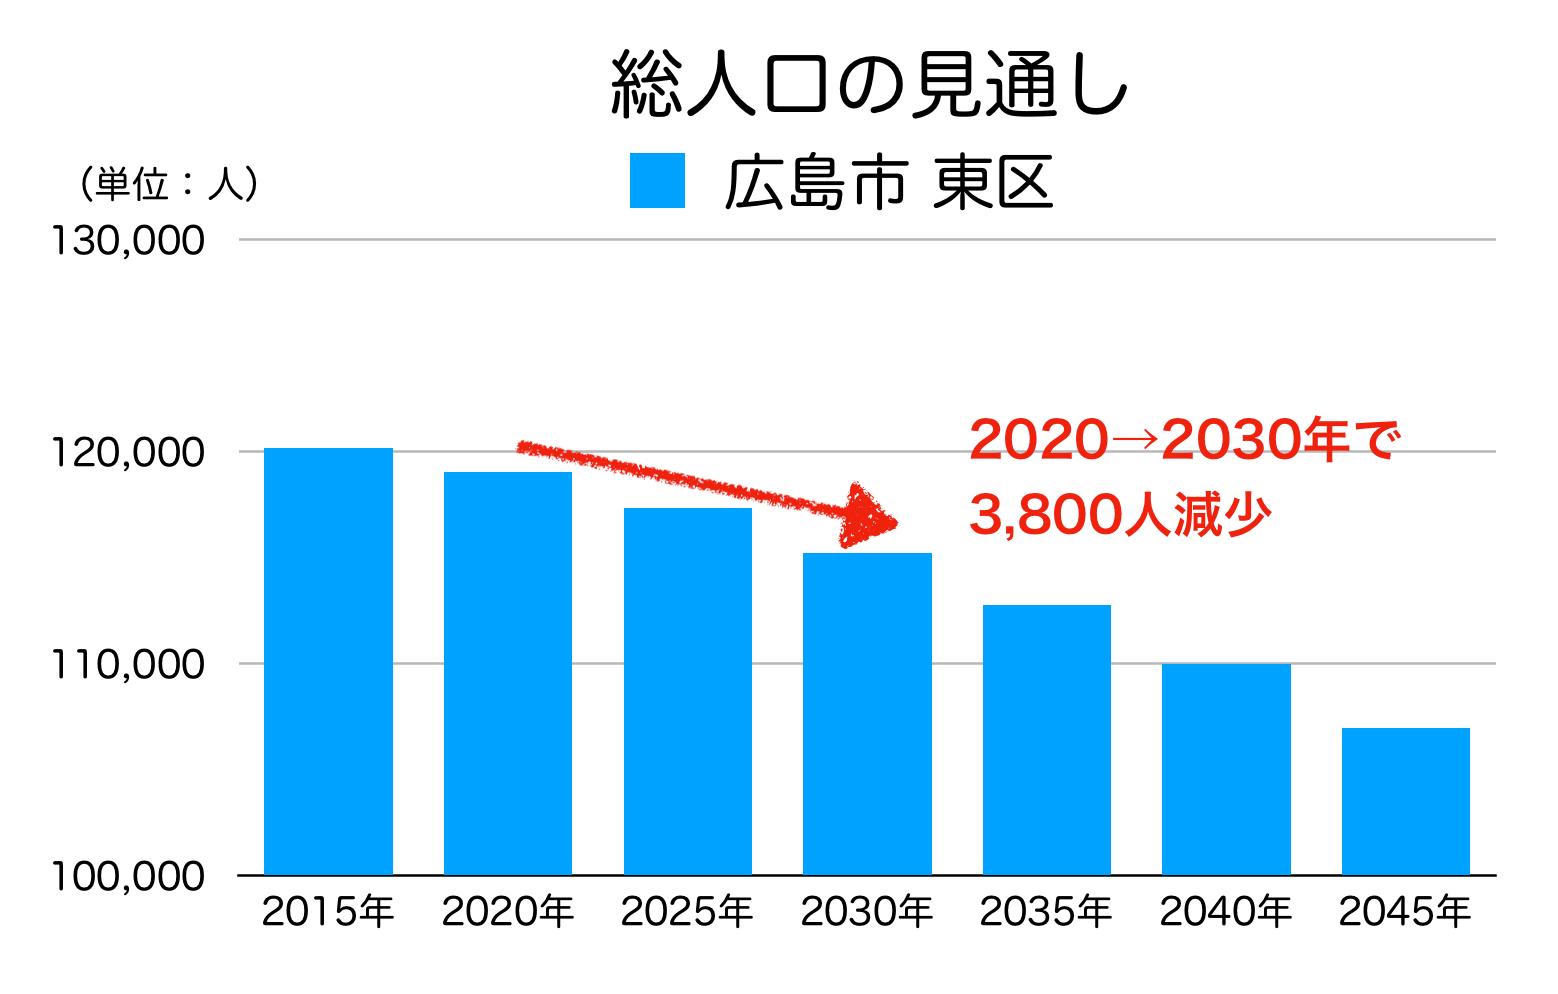 広島市東区の人口予測